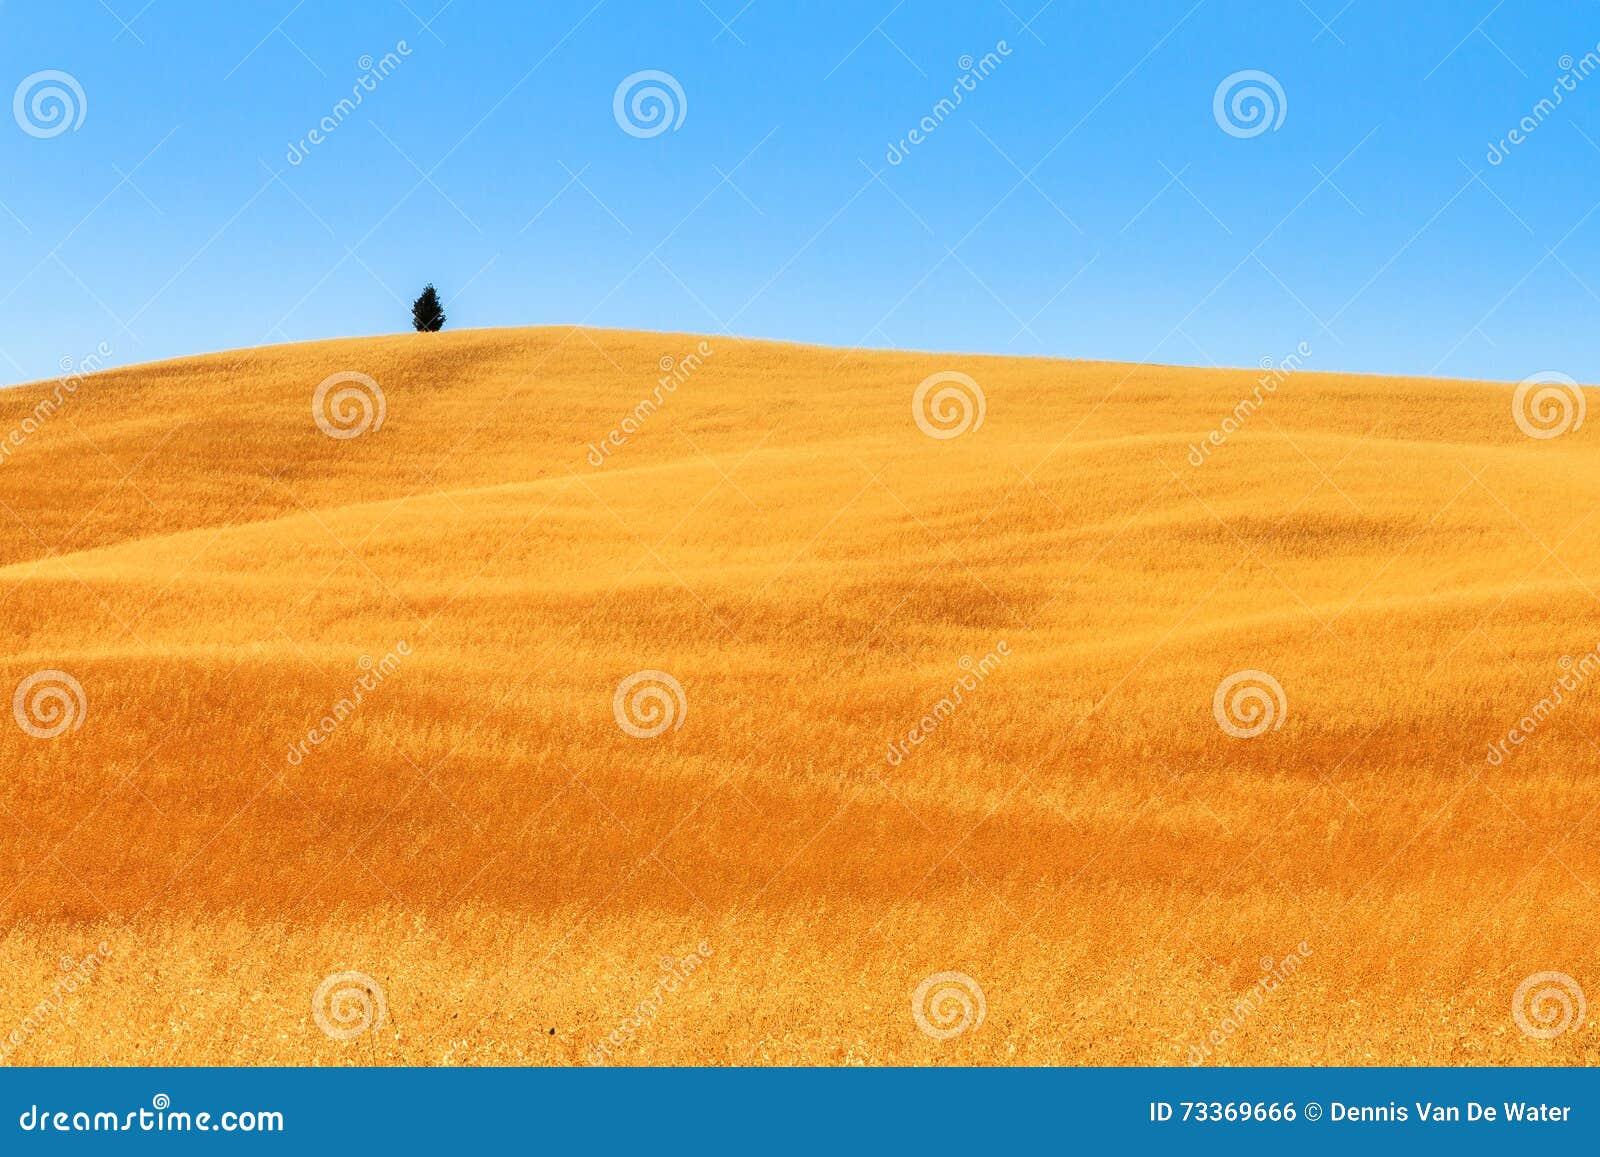 beautiful yellow field landscape - photo #38